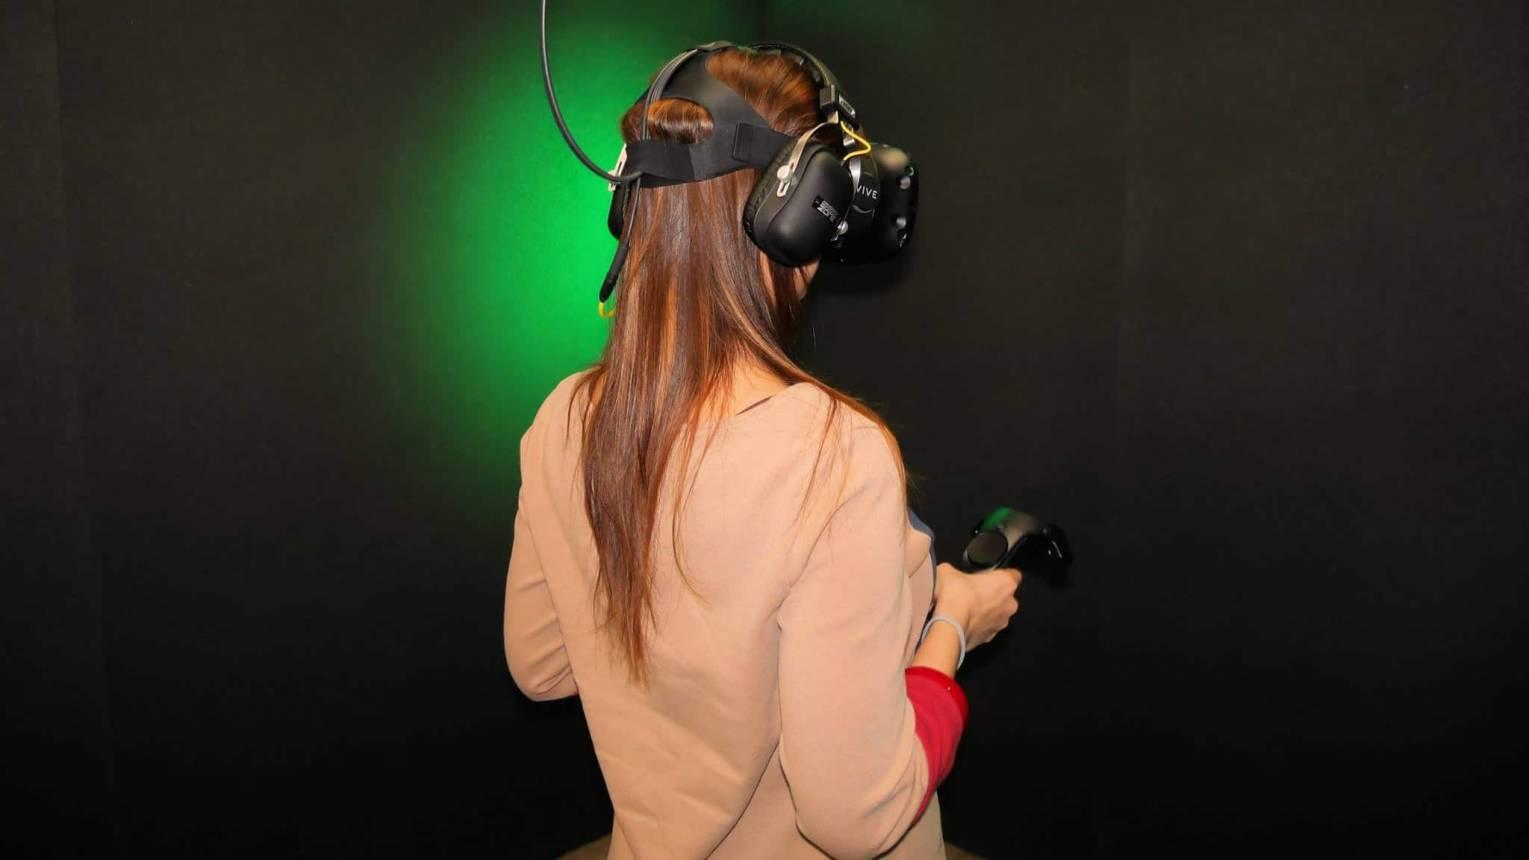 Belépő a virtuális valóságba 1 főnek